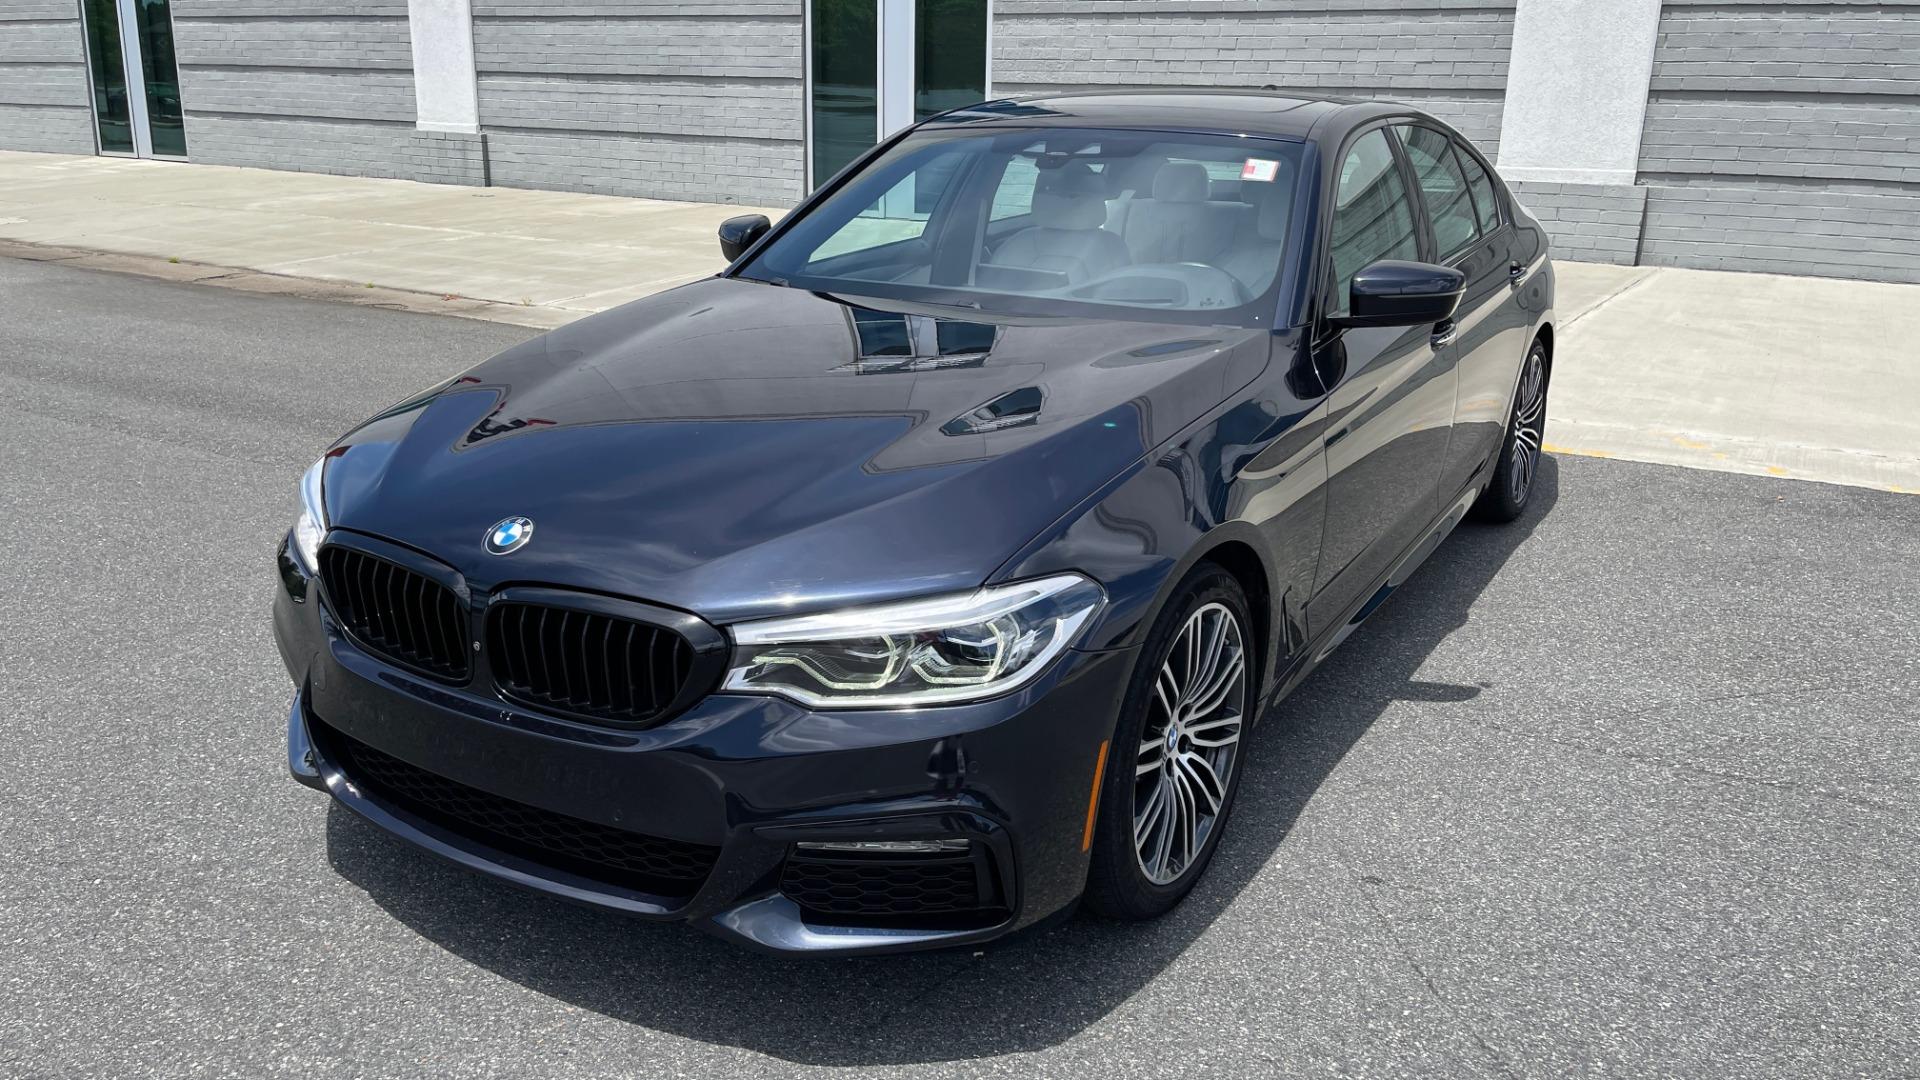 Used 2018 BMW 5 SERIES 540I M-SPORT / EXECUTIVE PKG / DRVR ASST PKG / BLIND SPOT / LANE DEPART for sale $40,995 at Formula Imports in Charlotte NC 28227 1